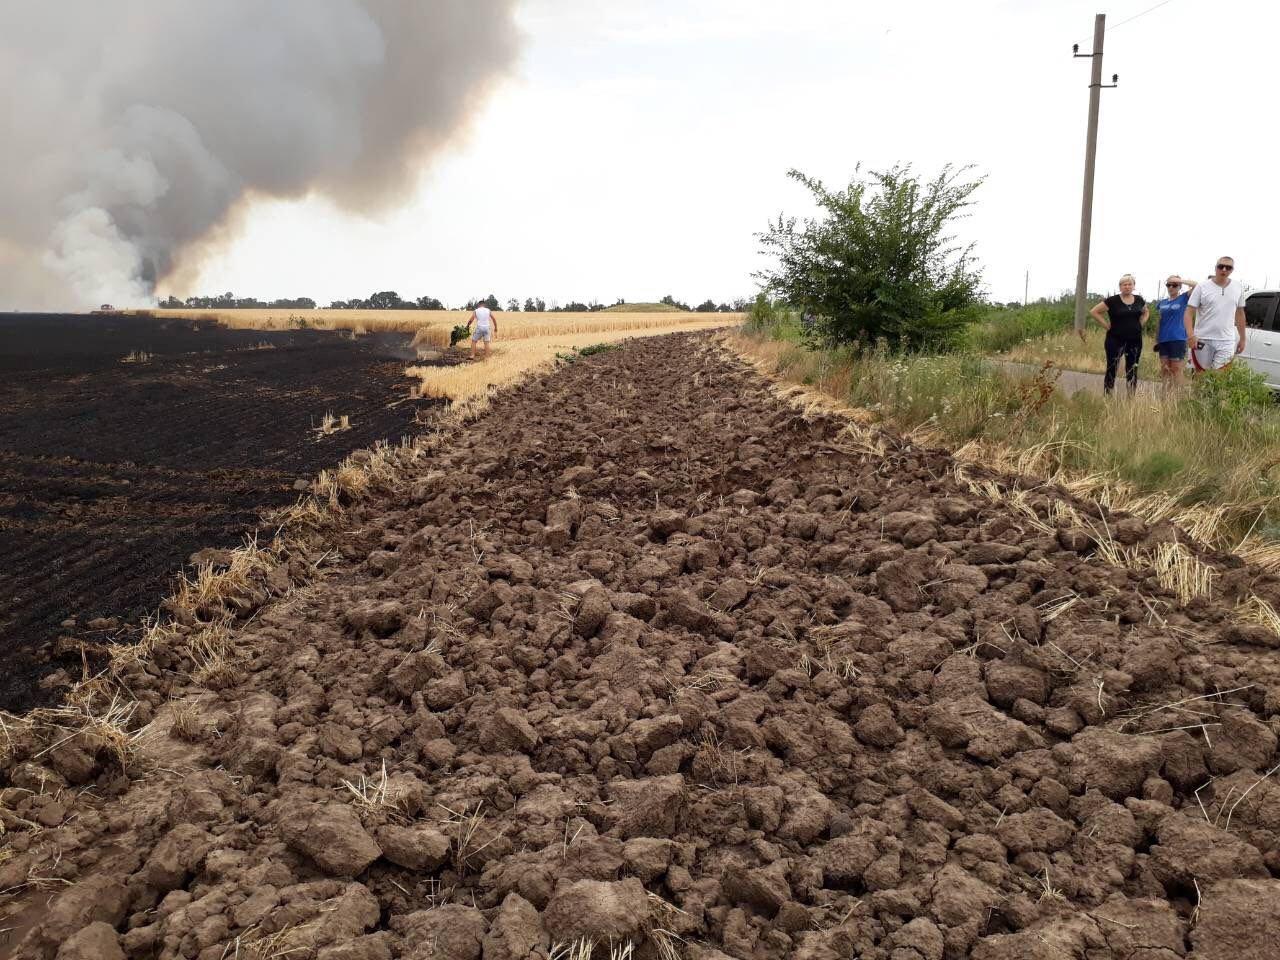 Огонь уничтожилпосевы пшеницы на площади 2,3 гектара